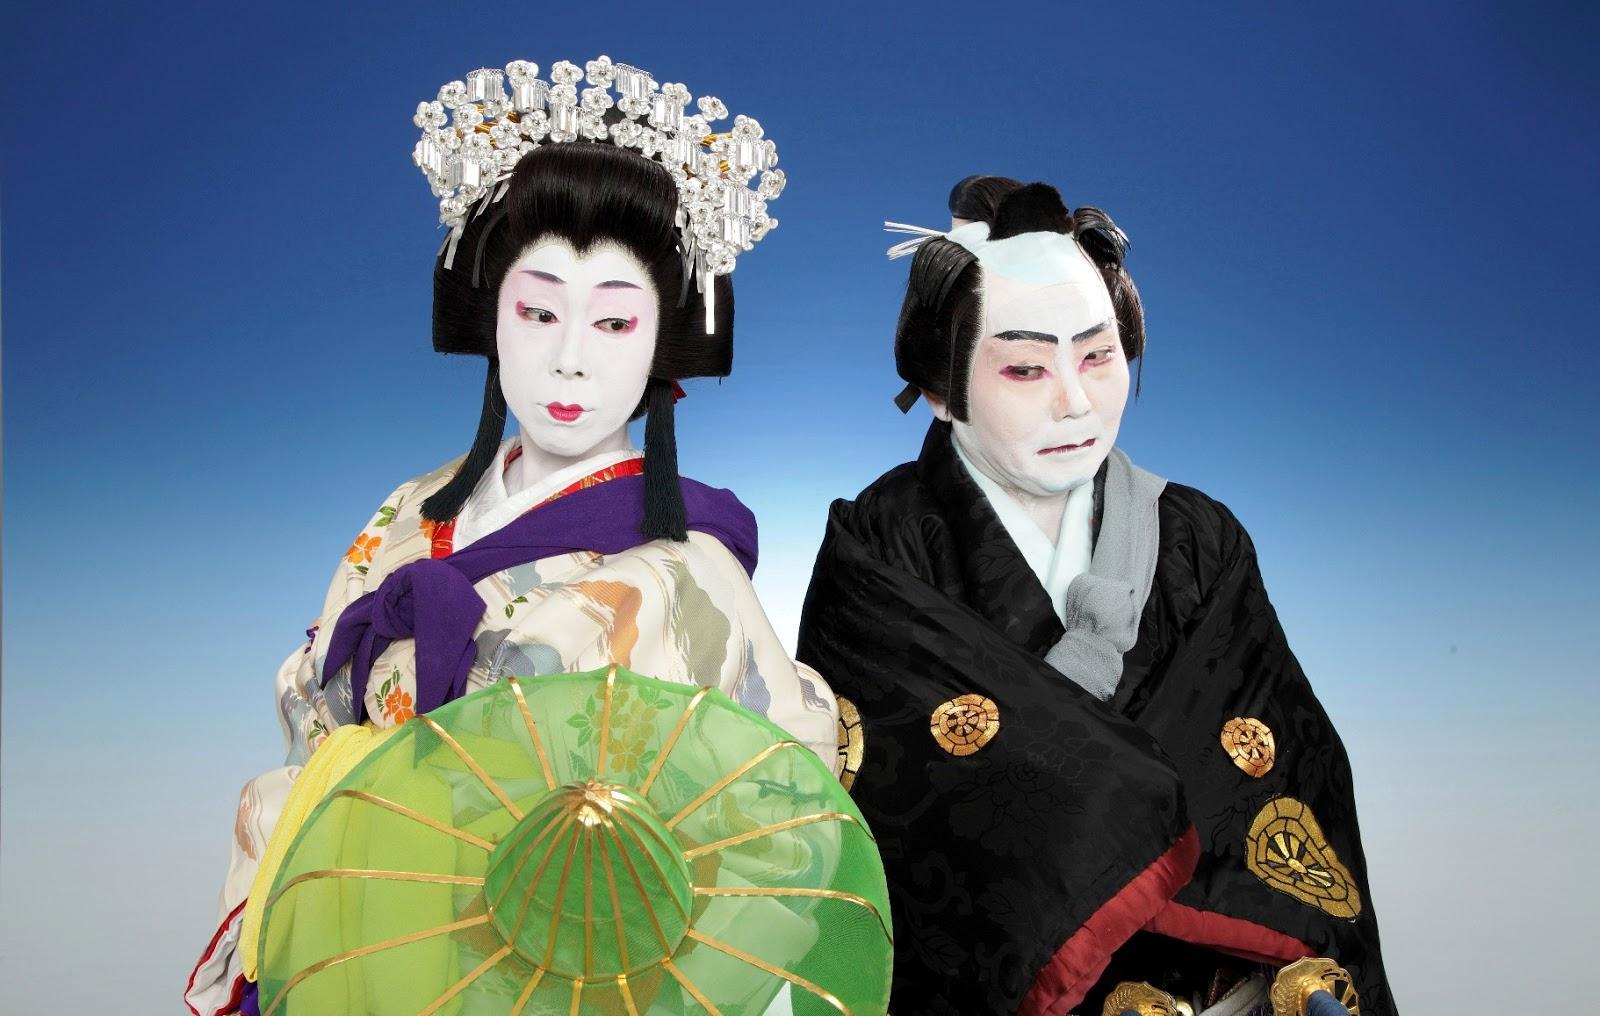 http://1.bp.blogspot.com/-vzRW6D7Boco/T46zHk_Zg4I/AAAAAAAAAHE/DrouIcRHE2o/s1600/Kabuki-Dance-L-R-Nishizaki-Emino-Bando-KotojiToshio-Kiyofuji.jpg